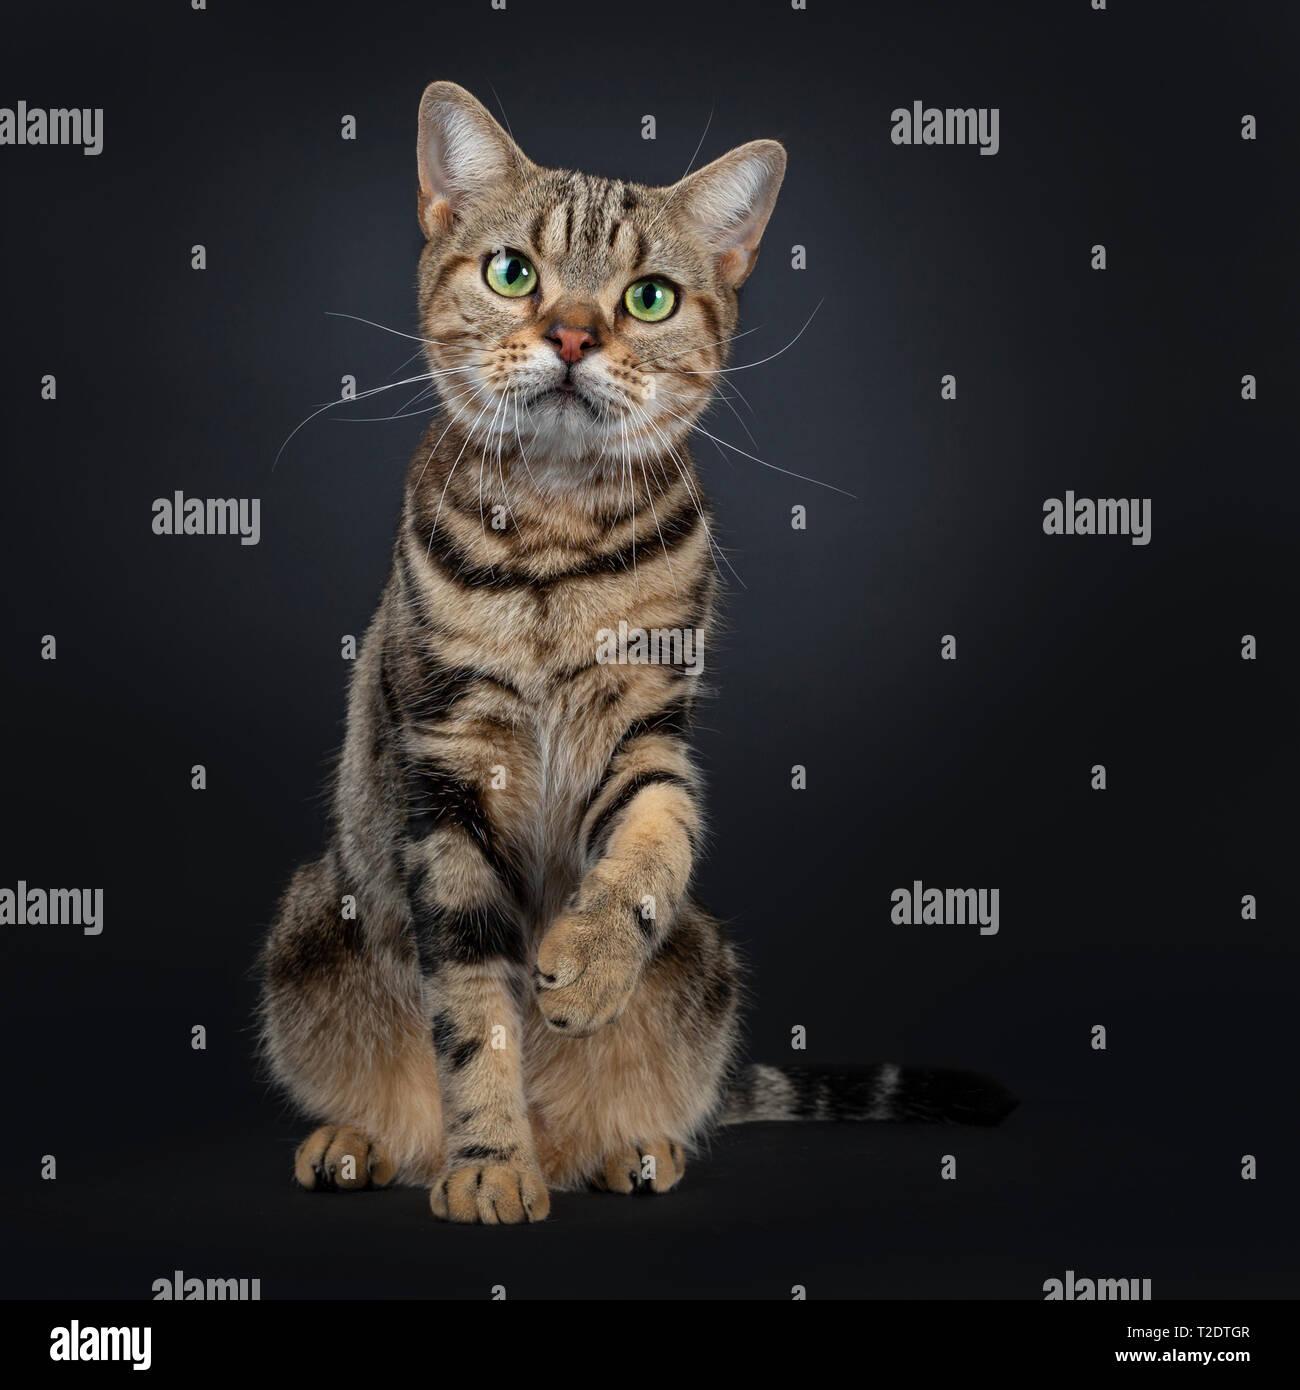 Lindo y excelente brown tabby American Shorthair gato sentado mirando hacia delante. Mirando directamente en la cámara con el verde de los ojos amarillos. Uno paw arriba como las sacudidas Foto de stock